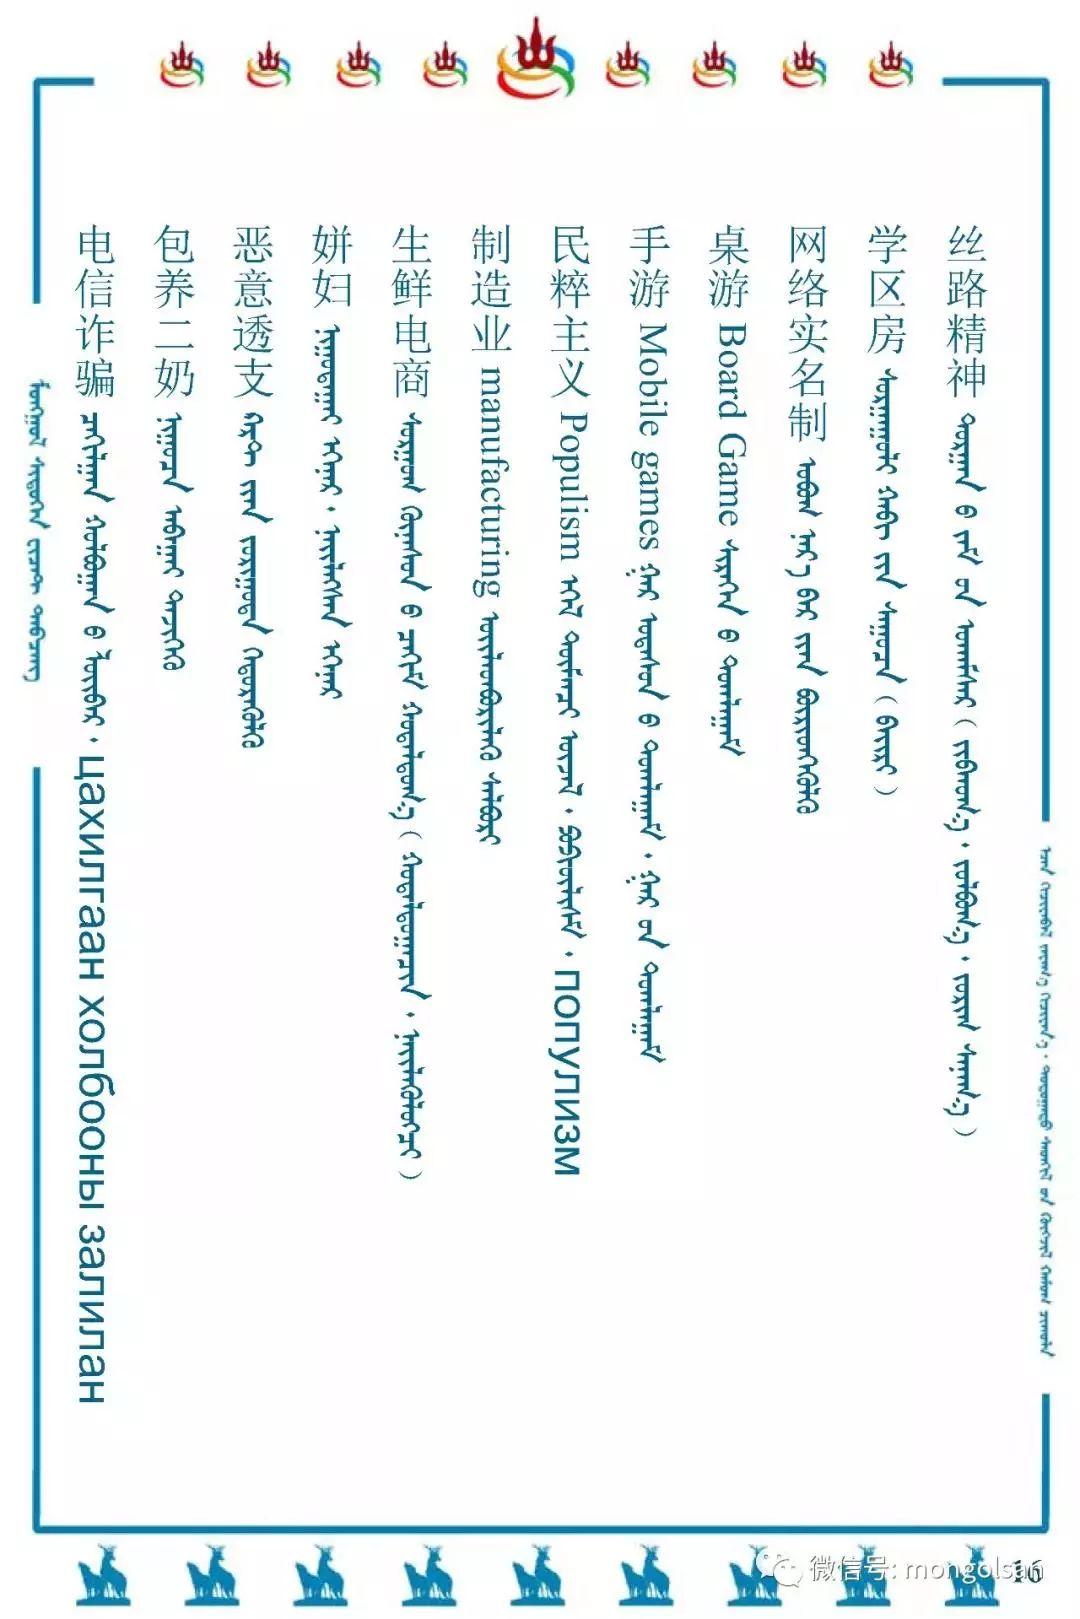 最新名词蒙古语翻译参考 第16张